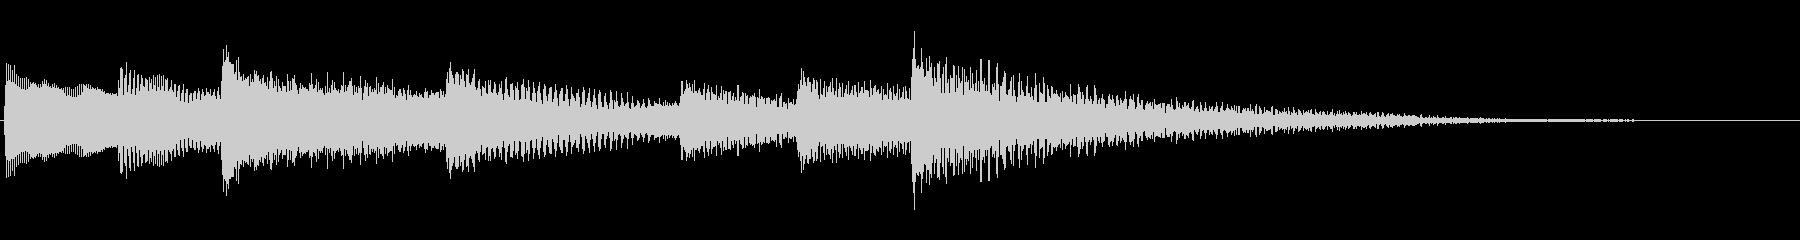 【生演奏】心休まるピアノジングルの未再生の波形